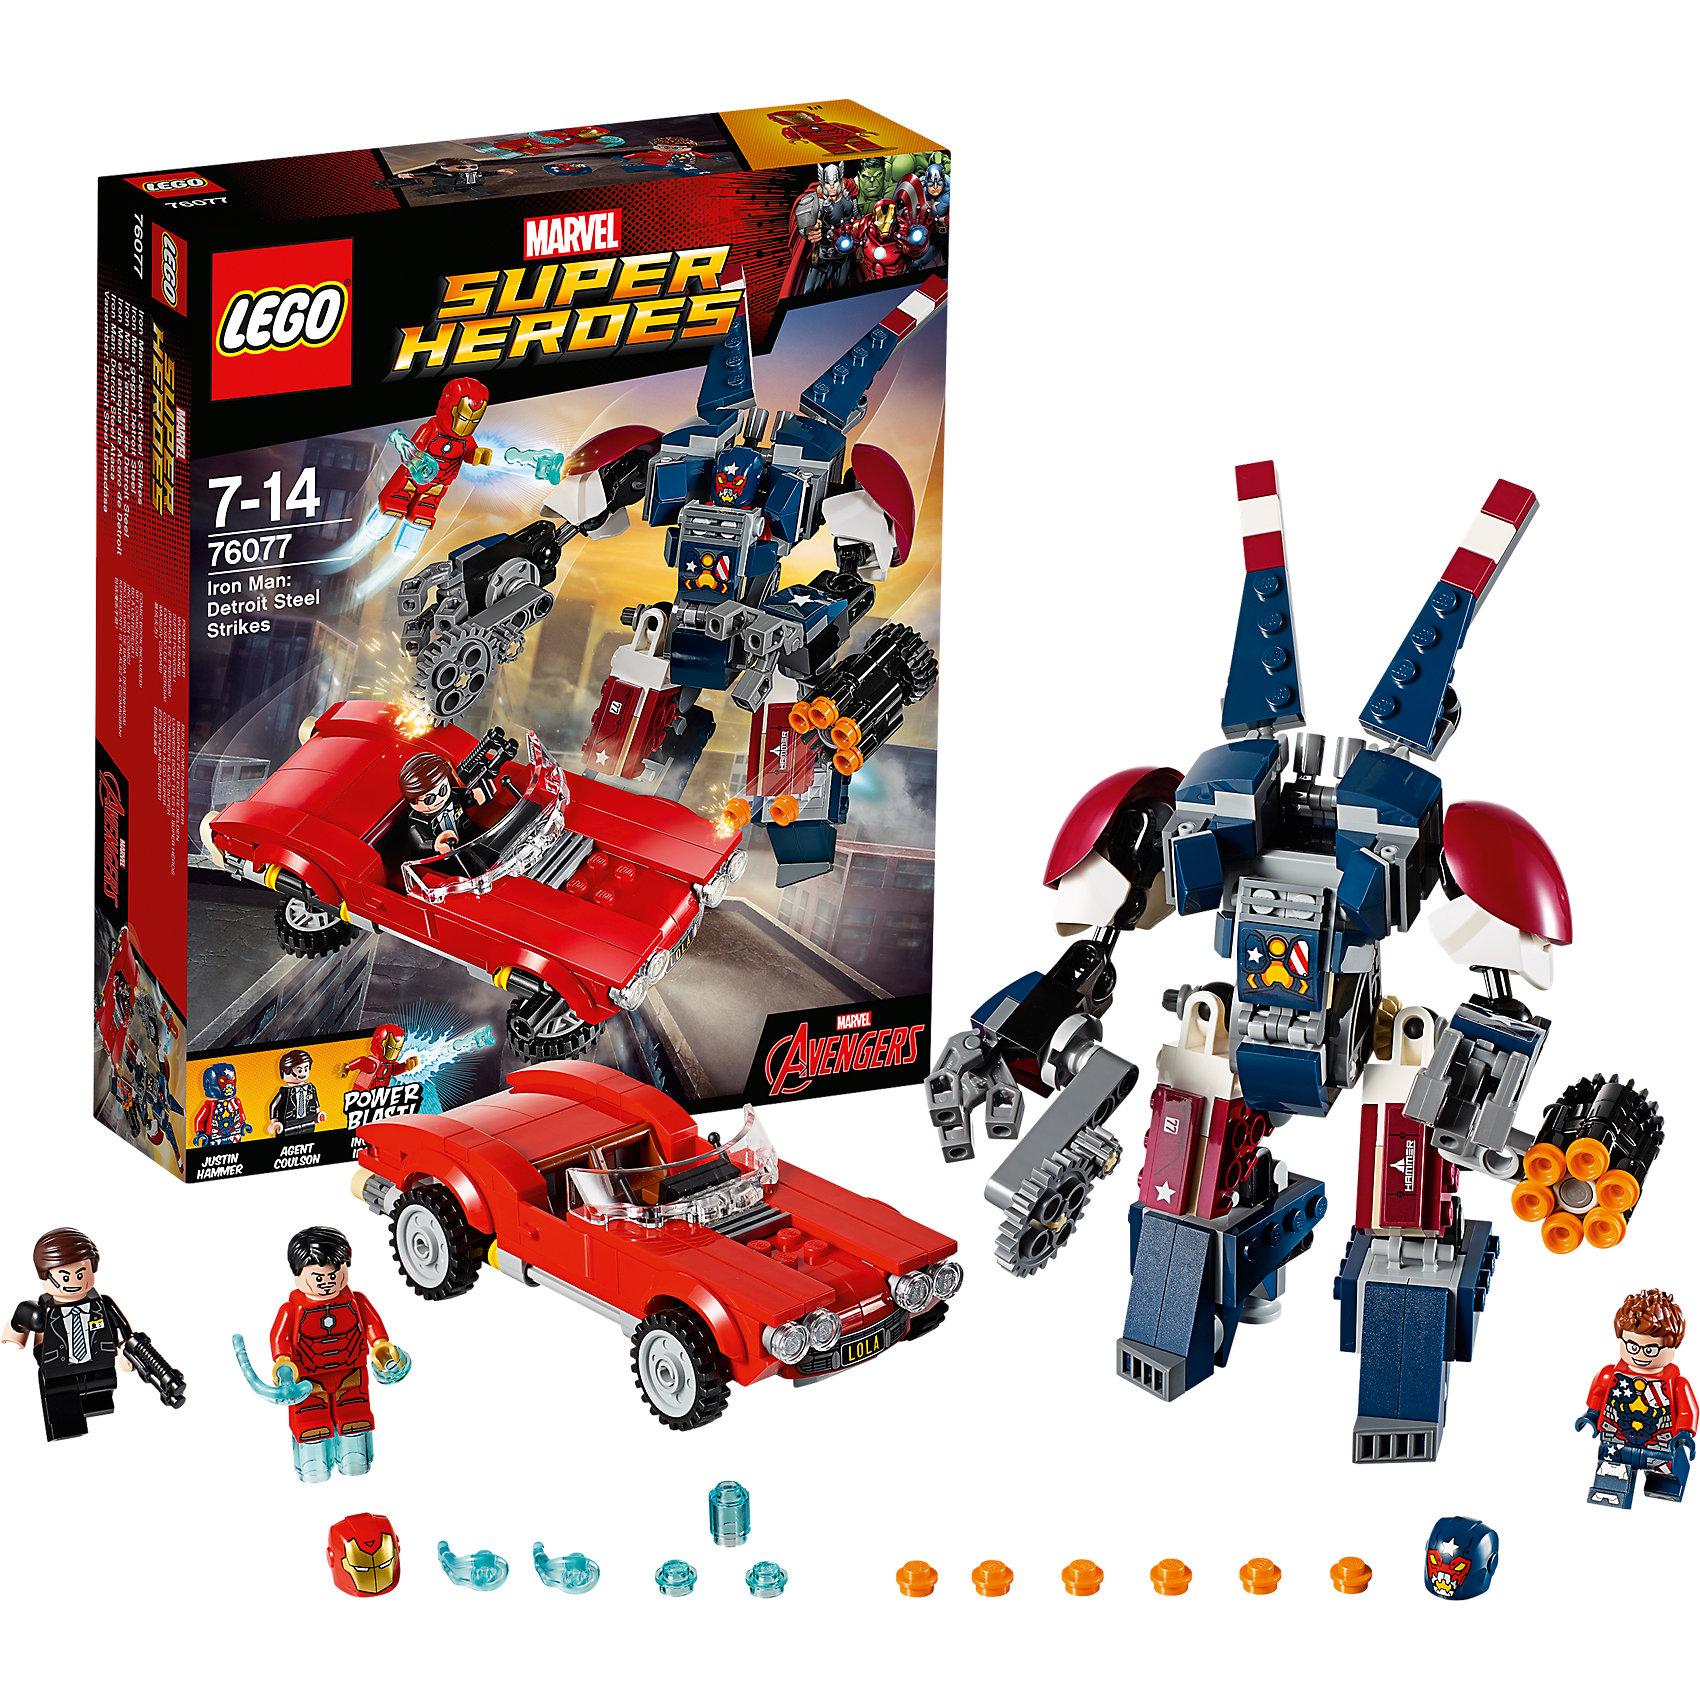 LEGO Super Heroes 76077: Железный человек: Стальной Детройт наносит ударПластмассовые конструкторы<br>LEGO Super Heroes 76077: Железный человек: Стальной Детройт наносит удар<br><br>Характеристики:<br><br>- в набор входит: детали машины и Детройта, 3 минифигурки, наклейки, аксессуары, книга комиксов, красочная инструкция по сборке<br>- минифигурки набора: Железный человек, Джастин Хаммер, Агент Колсон<br>- состав: пластик<br>- количество деталей: 377<br>- для детей в возрасте: от 7 до 14 лет<br>- Страна производитель: Дания/Китай/Чехия<br><br>Легендарный конструктор LEGO (ЛЕГО) представляет серию «Marvel Super Heroes» (Супер герои Марвел) по сюжетам фильмов, мультфильмов и комиксов о супергероях. <br><br>Этот набор понравится любителям фильмов Marvel о Железном человеке. Минифигурки набора выглядят ярко, очень качественно проработаны, в их разработке были использованы уникальные детали не встречающиеся в других наборах. Джастин Хаммер в своей броне Стального Детройта выполнен в очень качественной детализации. Минифигурка радует своими красочными рисунками, а броня имеет множество функций, руки и ноги выполнены с помощью шарнирных деталей и могут двигаться и принимать разные позы, правая рука оснащена бензопилой с двигающимся лезвием, а левая шестиснарядной пушкой со стреляющим механизмом (дополнительные снаряды входят в комплект). <br><br>Пальцы рук Стального Детройта сжимаются и могут захватывать предметы. Стильна красная машина агента Колсона оснащена панорамным ветровым стеклом, рычагами управления, открывающимися дверьми и может трансформироваться для полетов. <br><br>Сама фигурка агента отлично проработана, качественные рисунки на теле фигурки, рельефные волосы и два выражения лица. Под шлемом Железного Человека лицо Тони Старка, в комплект входит его прическа на замену шлема, у детройта в комплекте также есть прическа. Помогите Железному Человеку спасти город от злодея, ведь в этот раз он особенно силен! <br><br>Играя с конструктором ребенок развивает моторику